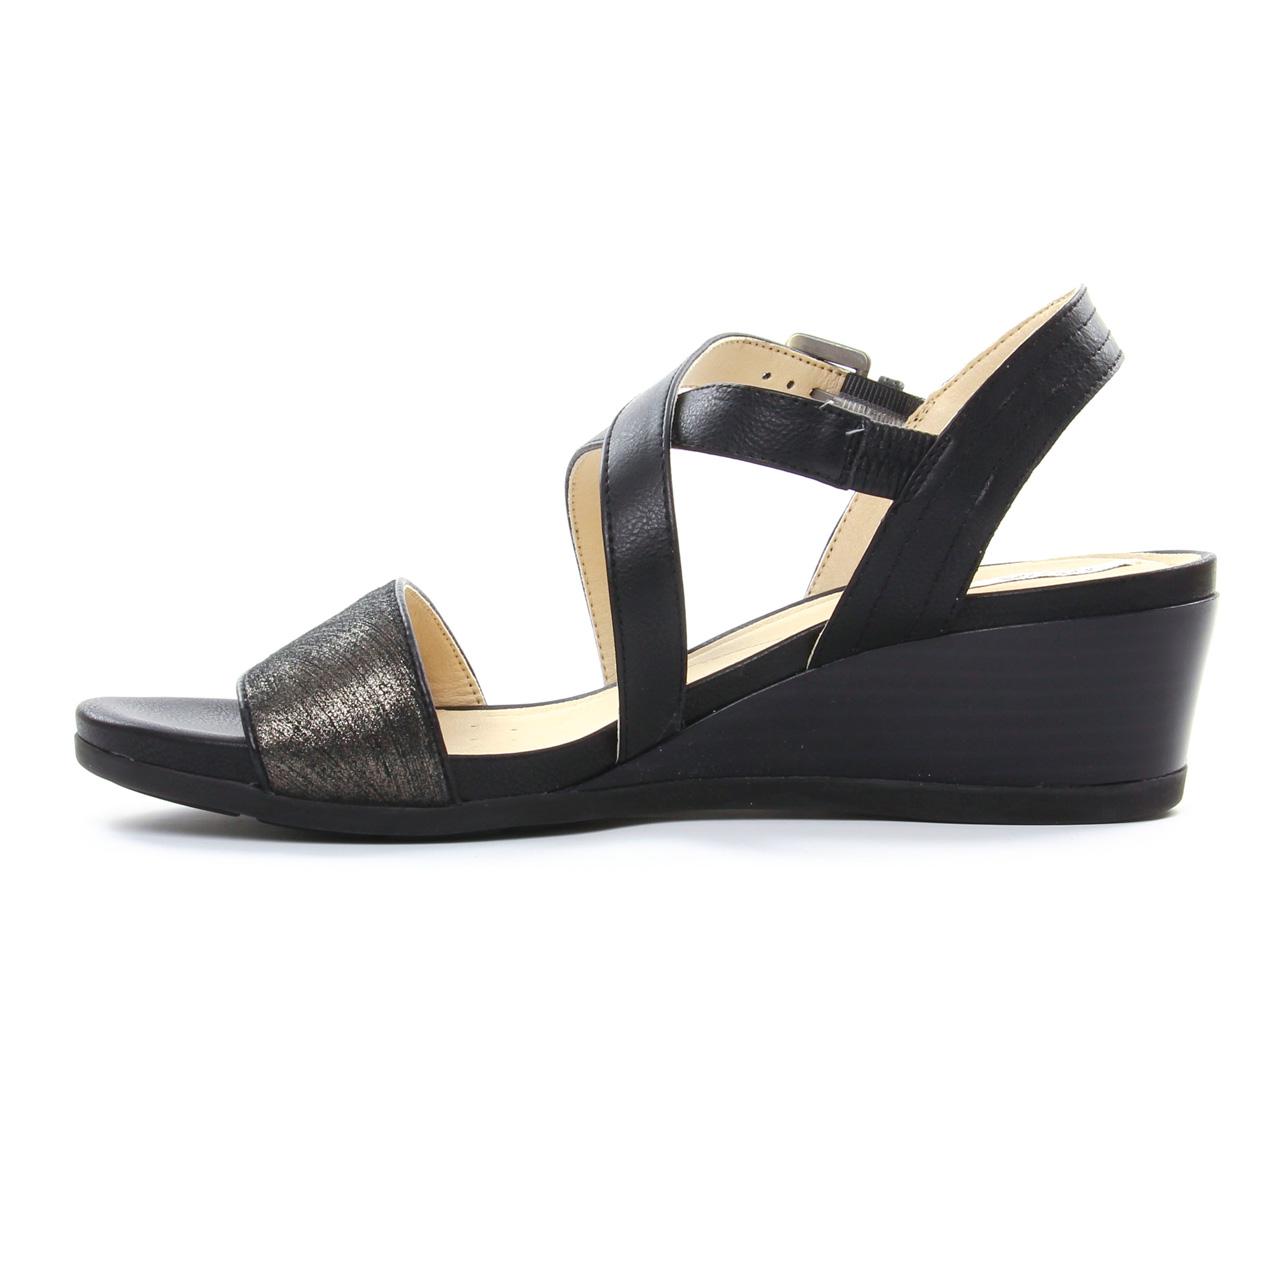 0d6deff5885af4 Geox D828Qa Black | nu-pied compensés noir bronze printemps été chez ...